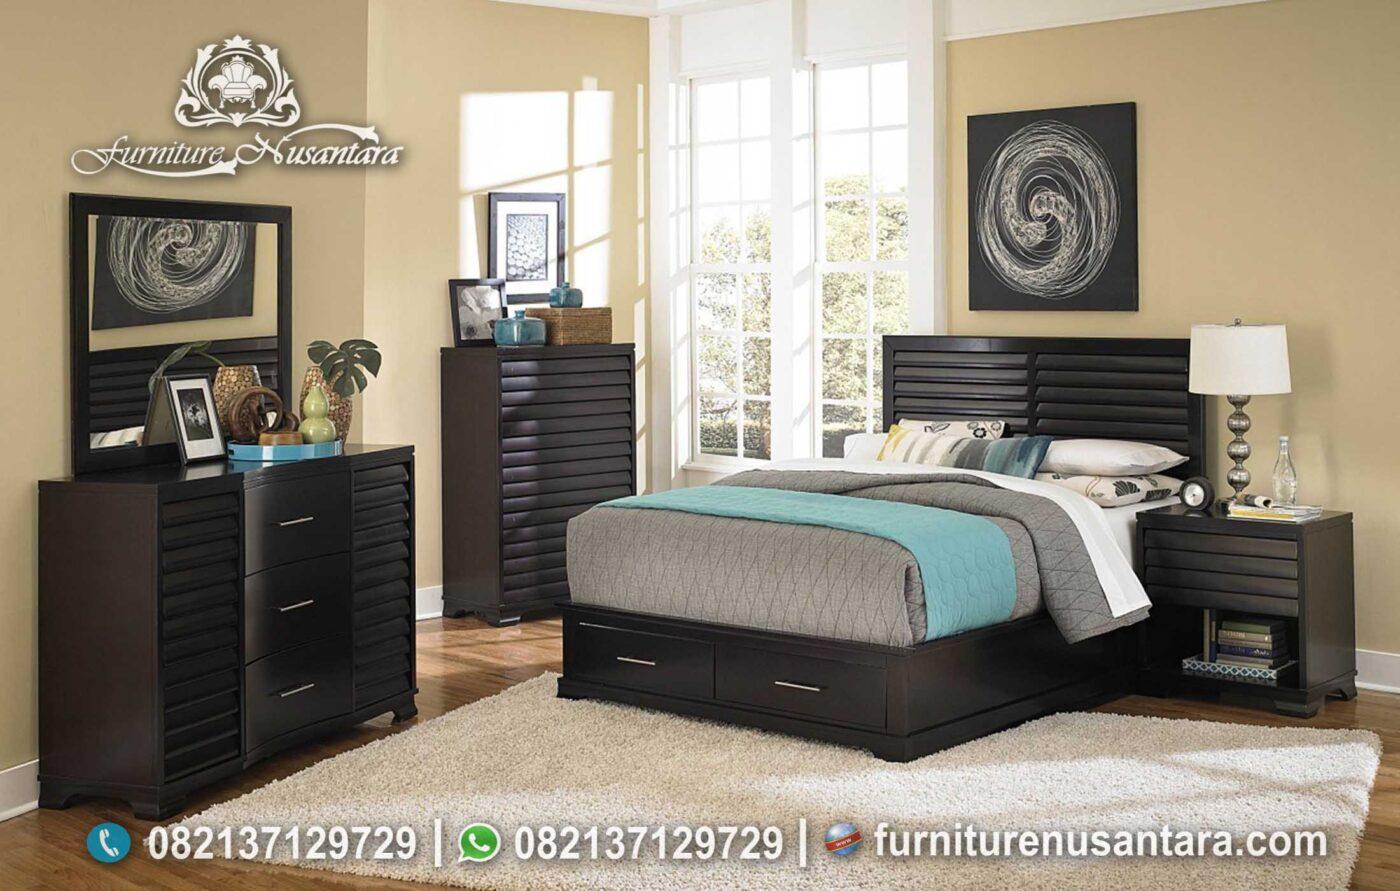 Kamar Set Minimalis Krepyak Hitam Doft KS-208, Furniture Nusantara